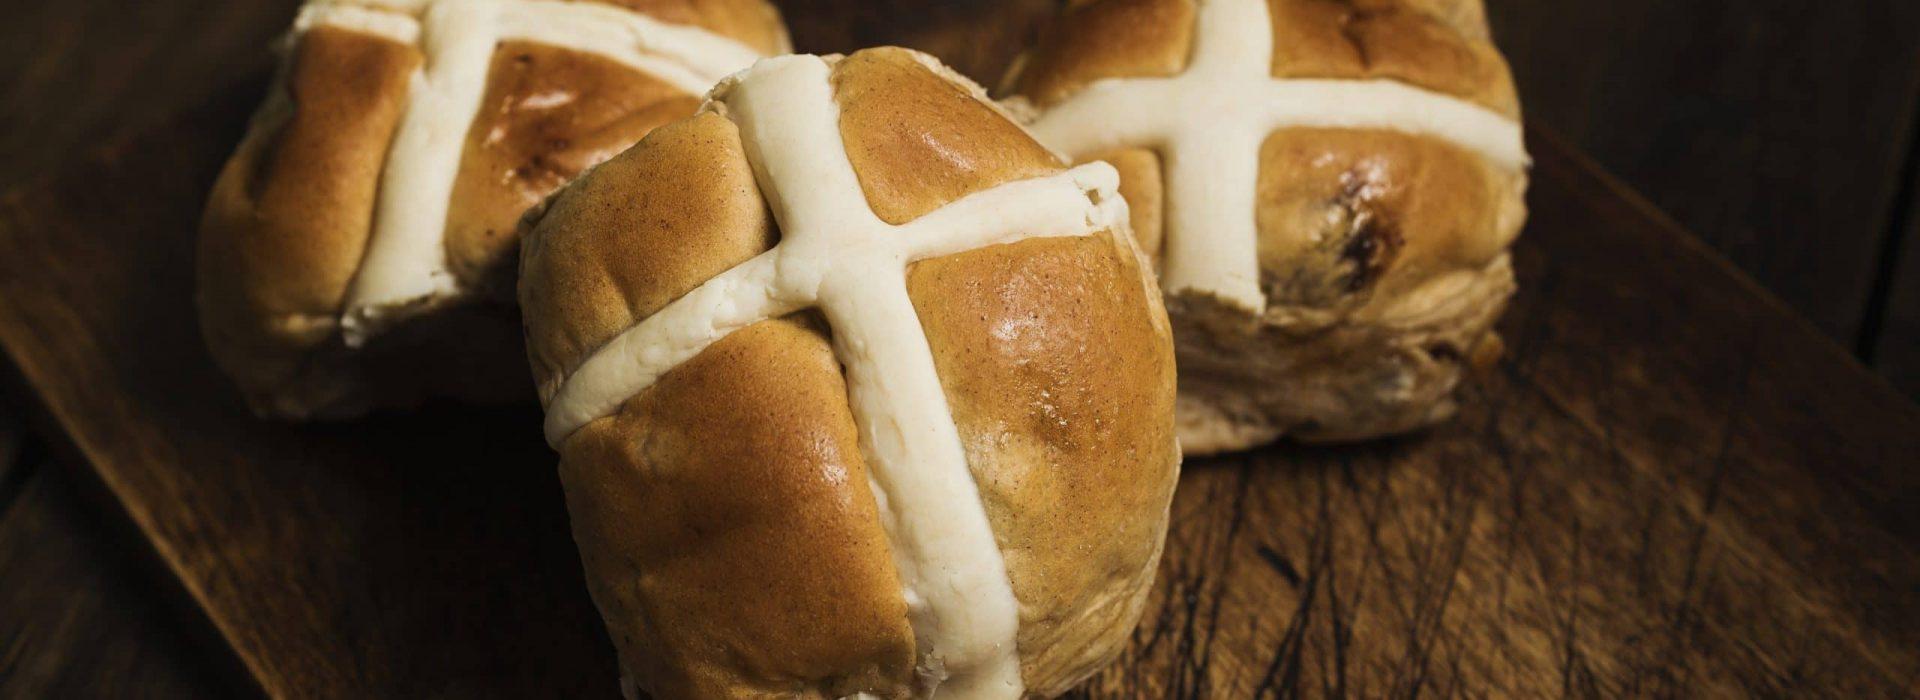 Dessert Advisor Hot Cross Buns for Easter 1 scaled